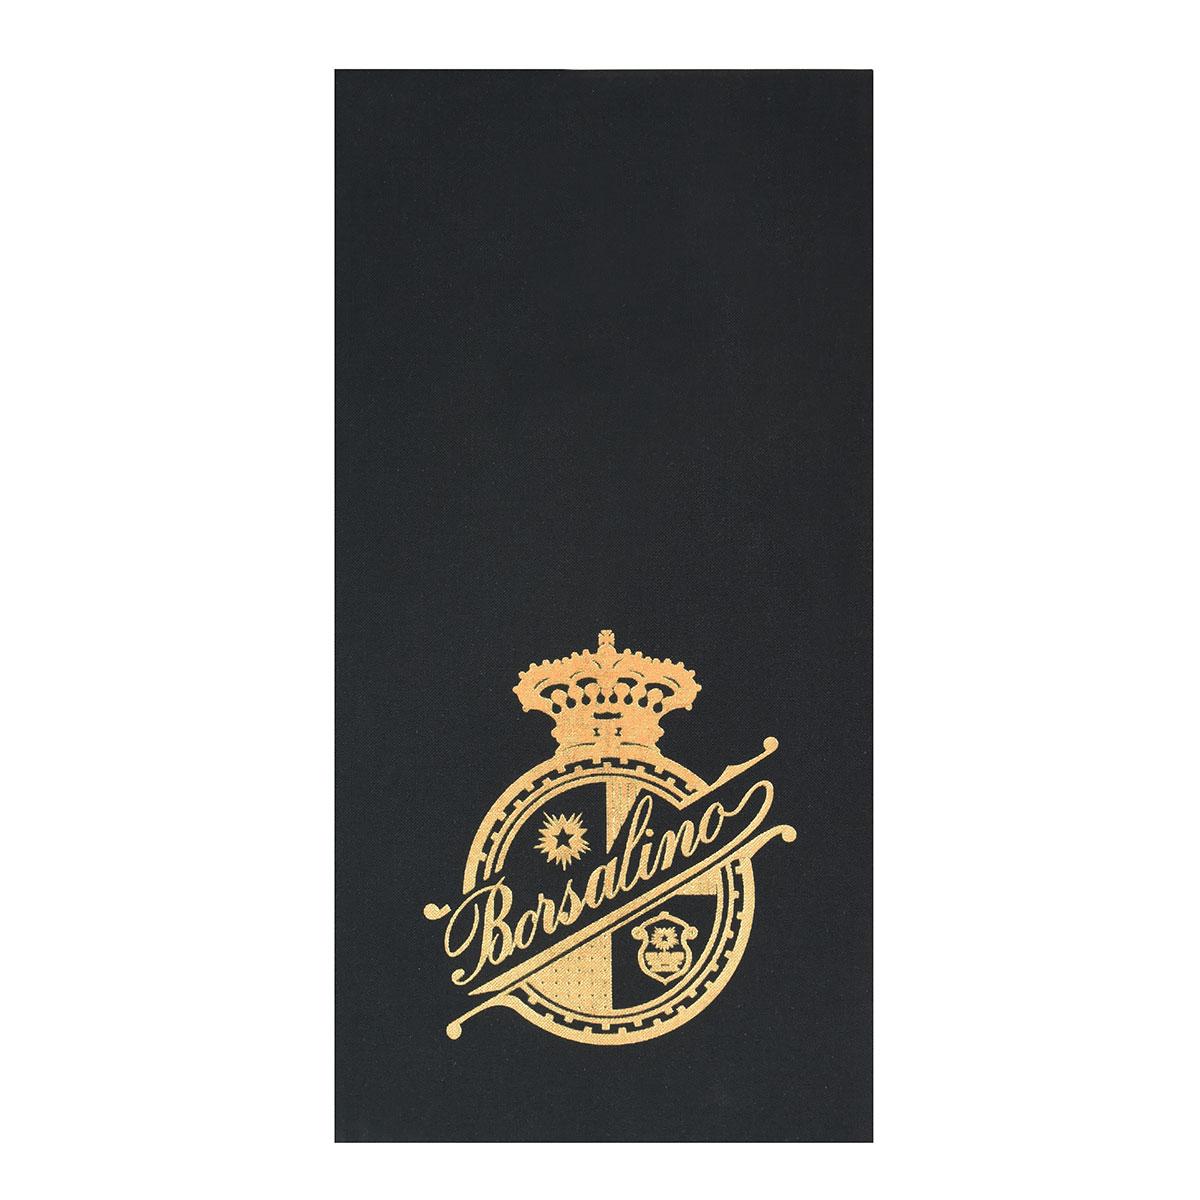 Borsalino Borsalino Gift Box in Assorted